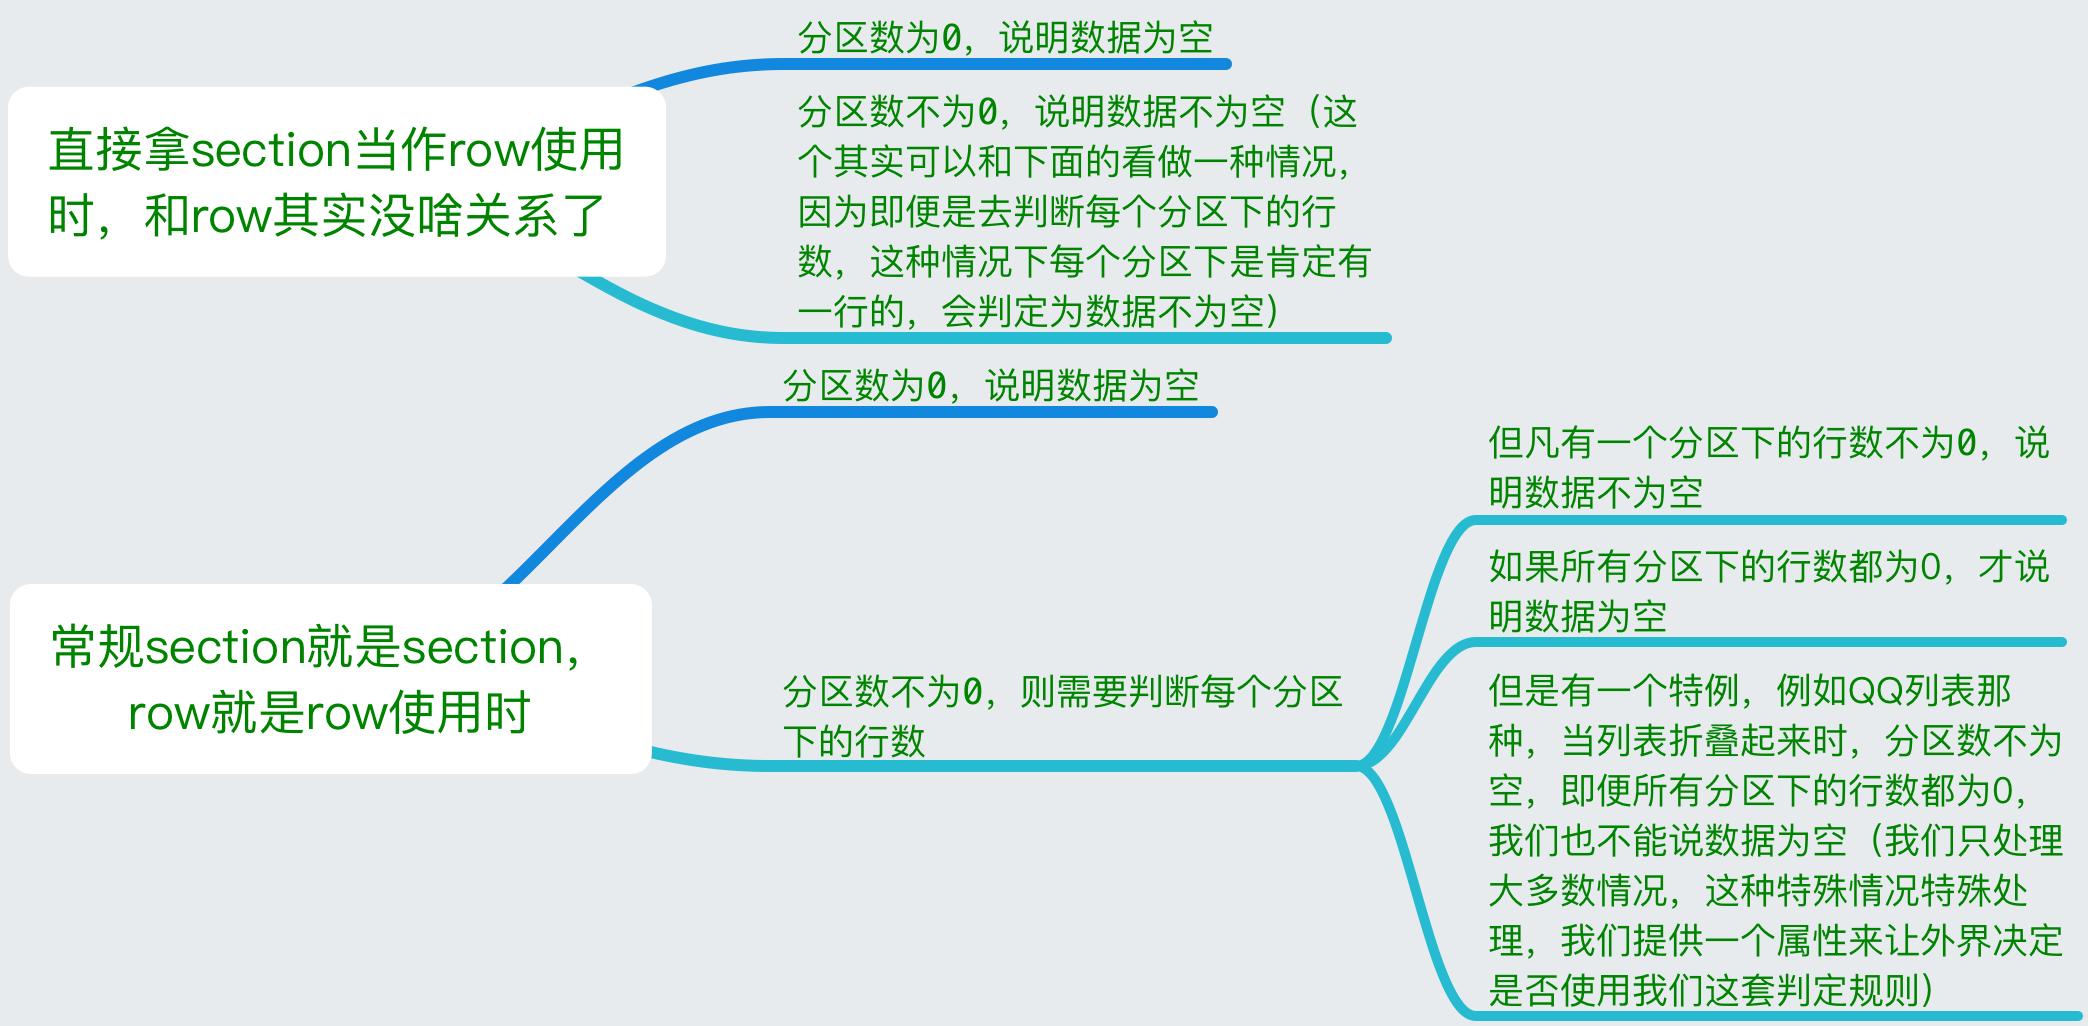 第四篇:runtime的实际应用场景――黑魔法(Method Swizzling)